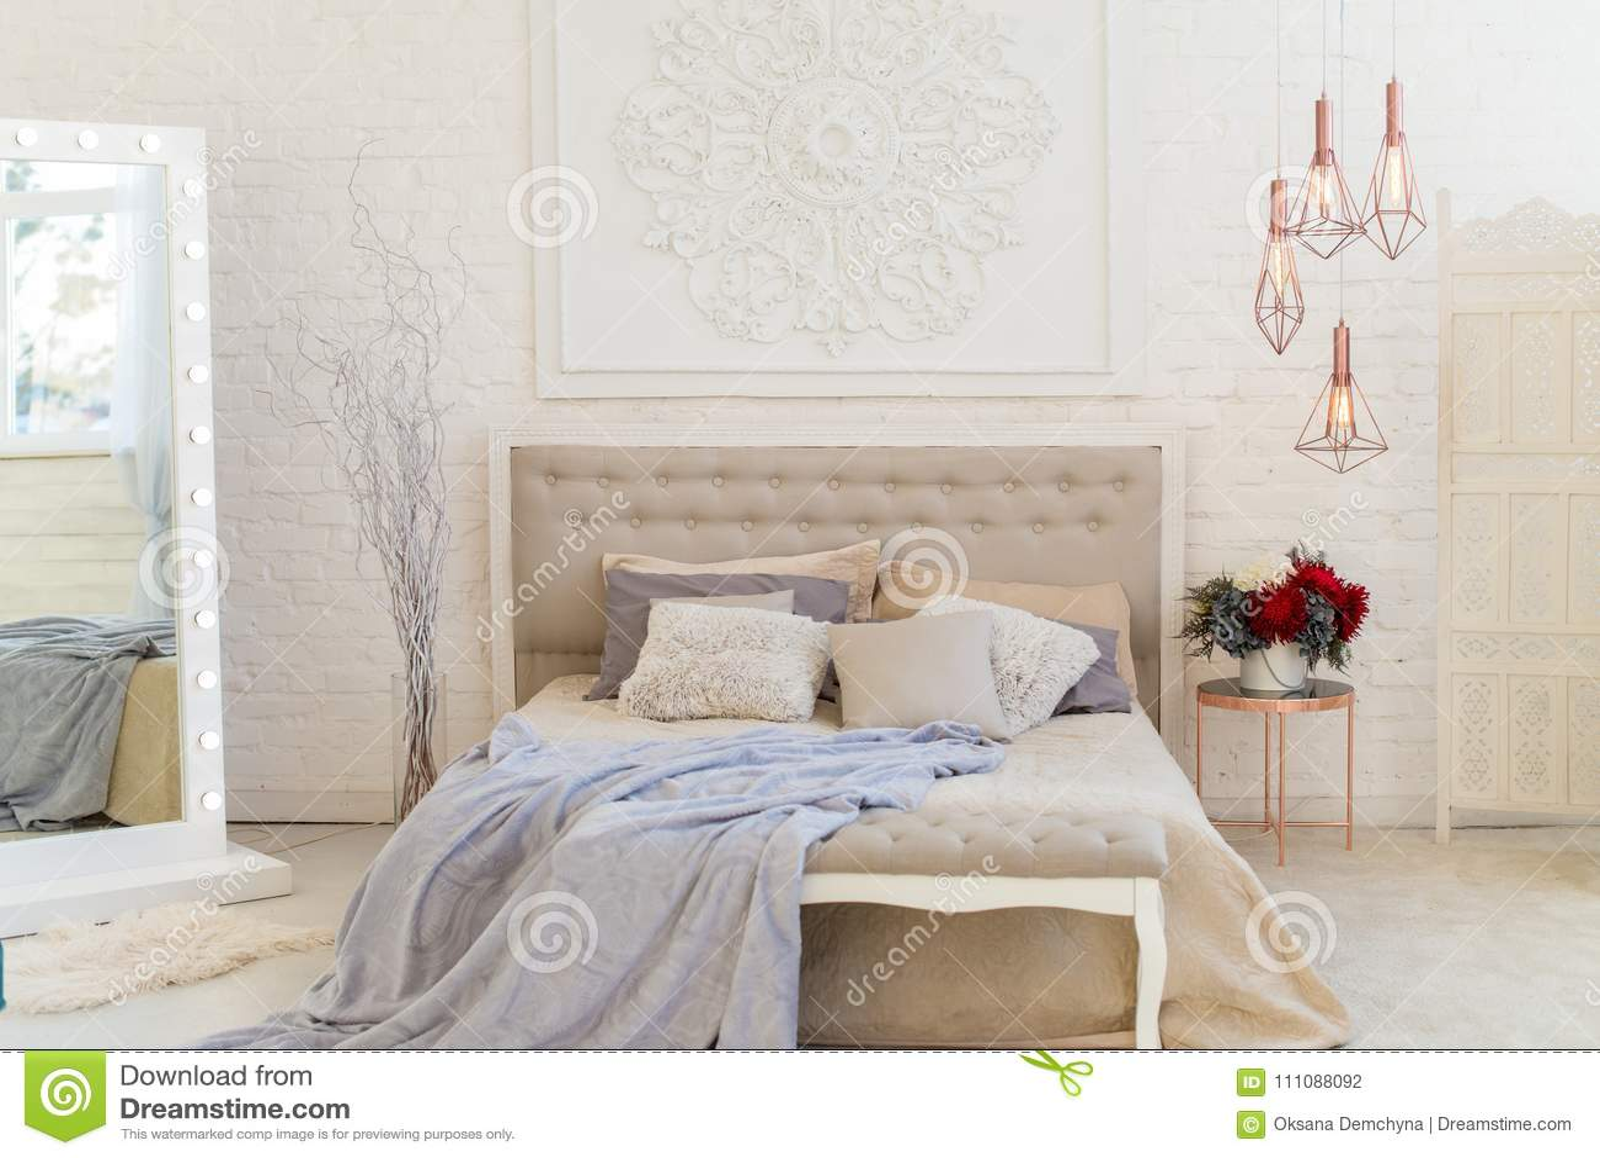 binnenlandse slaapkamer in pastelkleur lichte kleuren groot comfortabel tweepersoonsbed in elegante klassieke slaapkamer